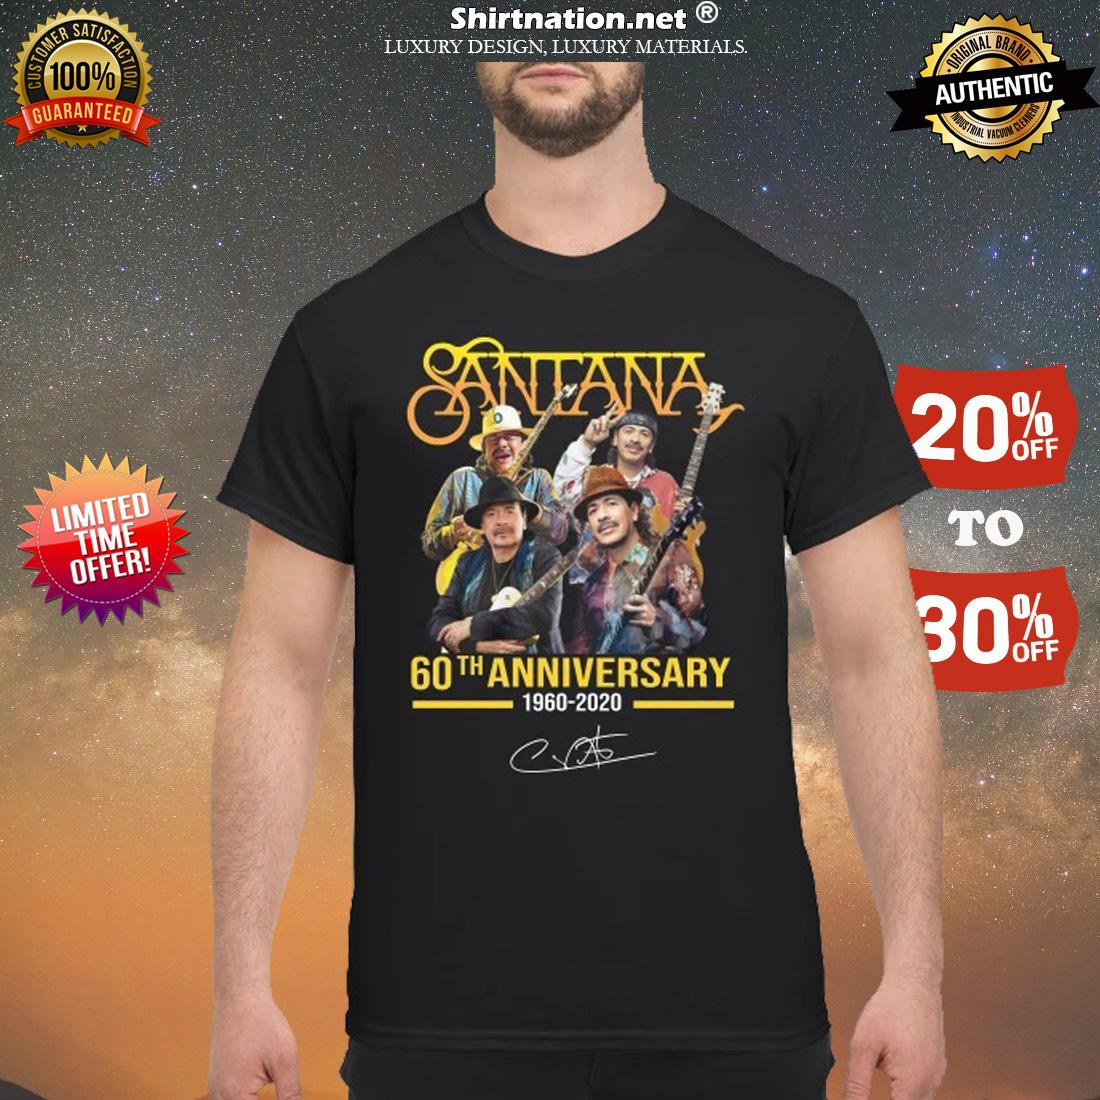 Santana 60th anniversary 1960 2012 shirt